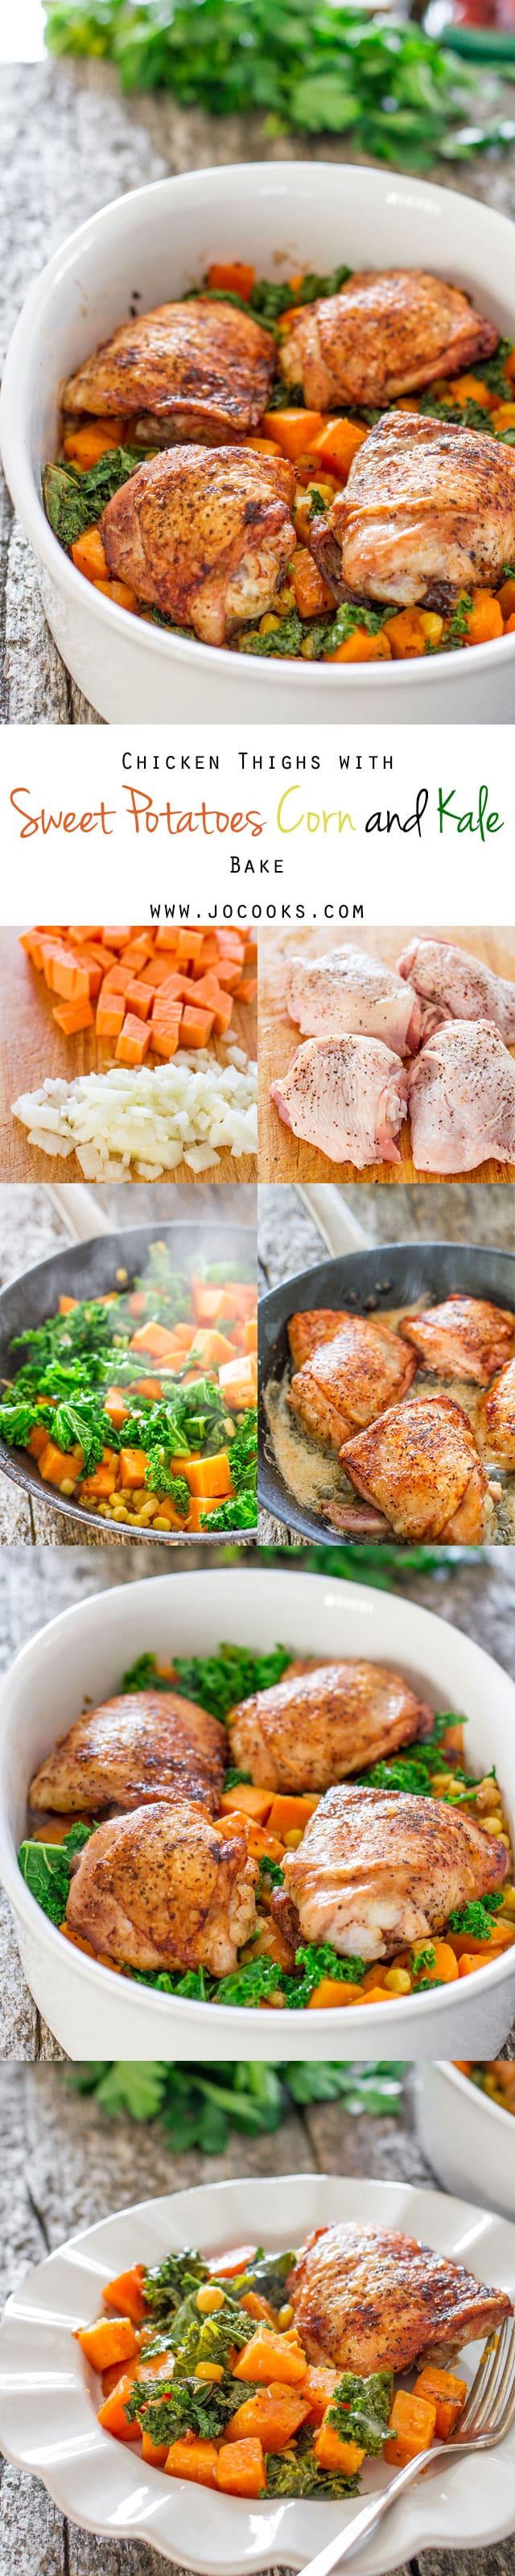 chicken casserole delicious chicken casserole this chicken and kale ...